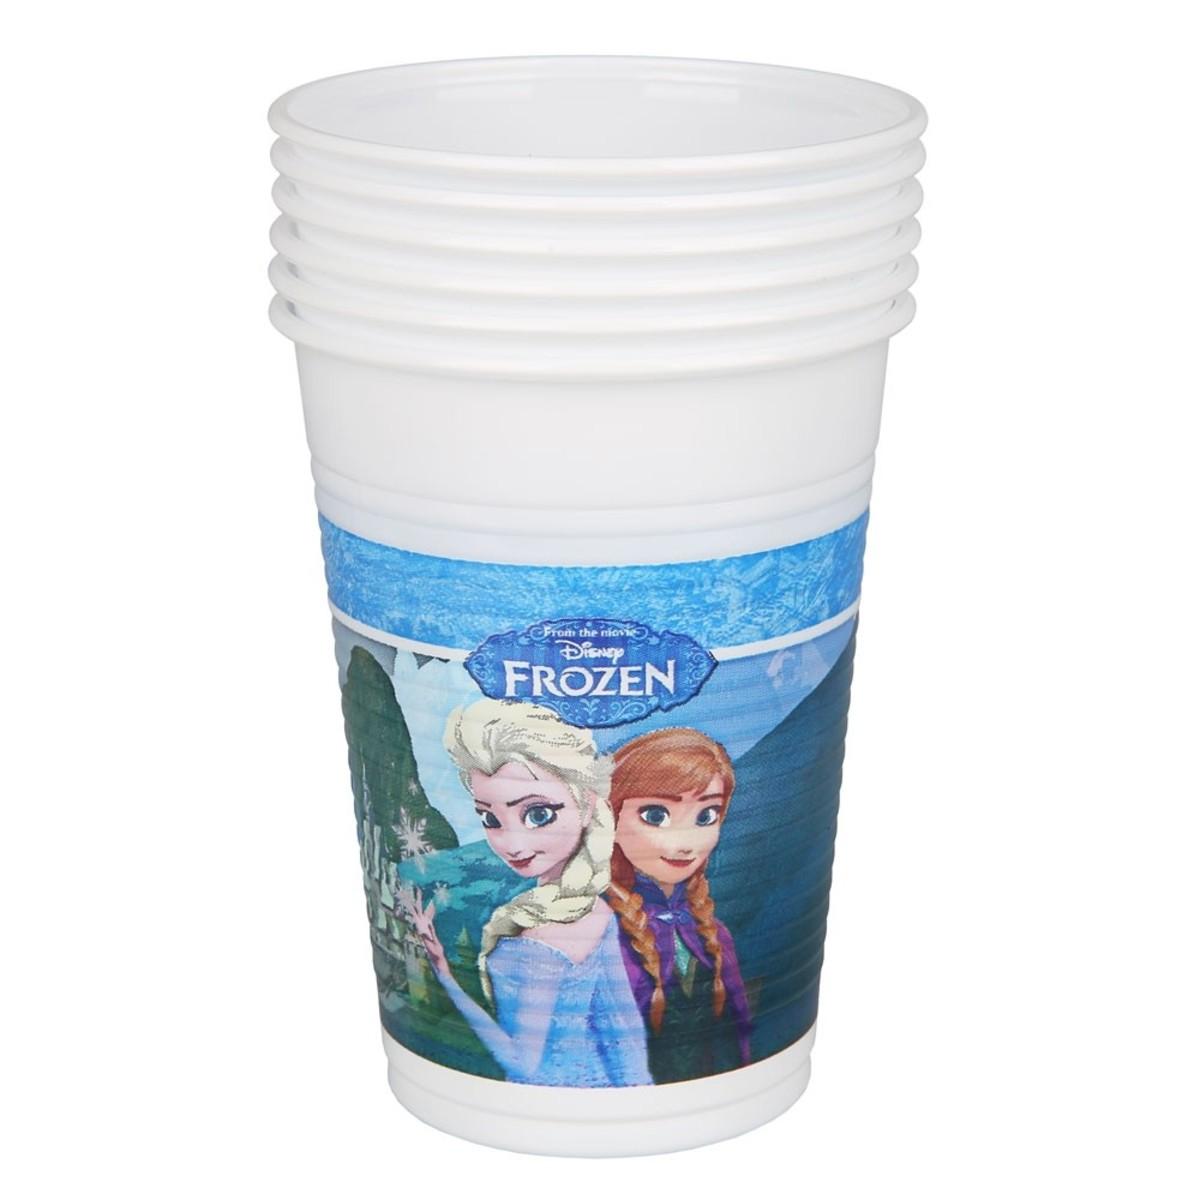 Bild 1 von Einwegbecher Frozen, 6er-Pack